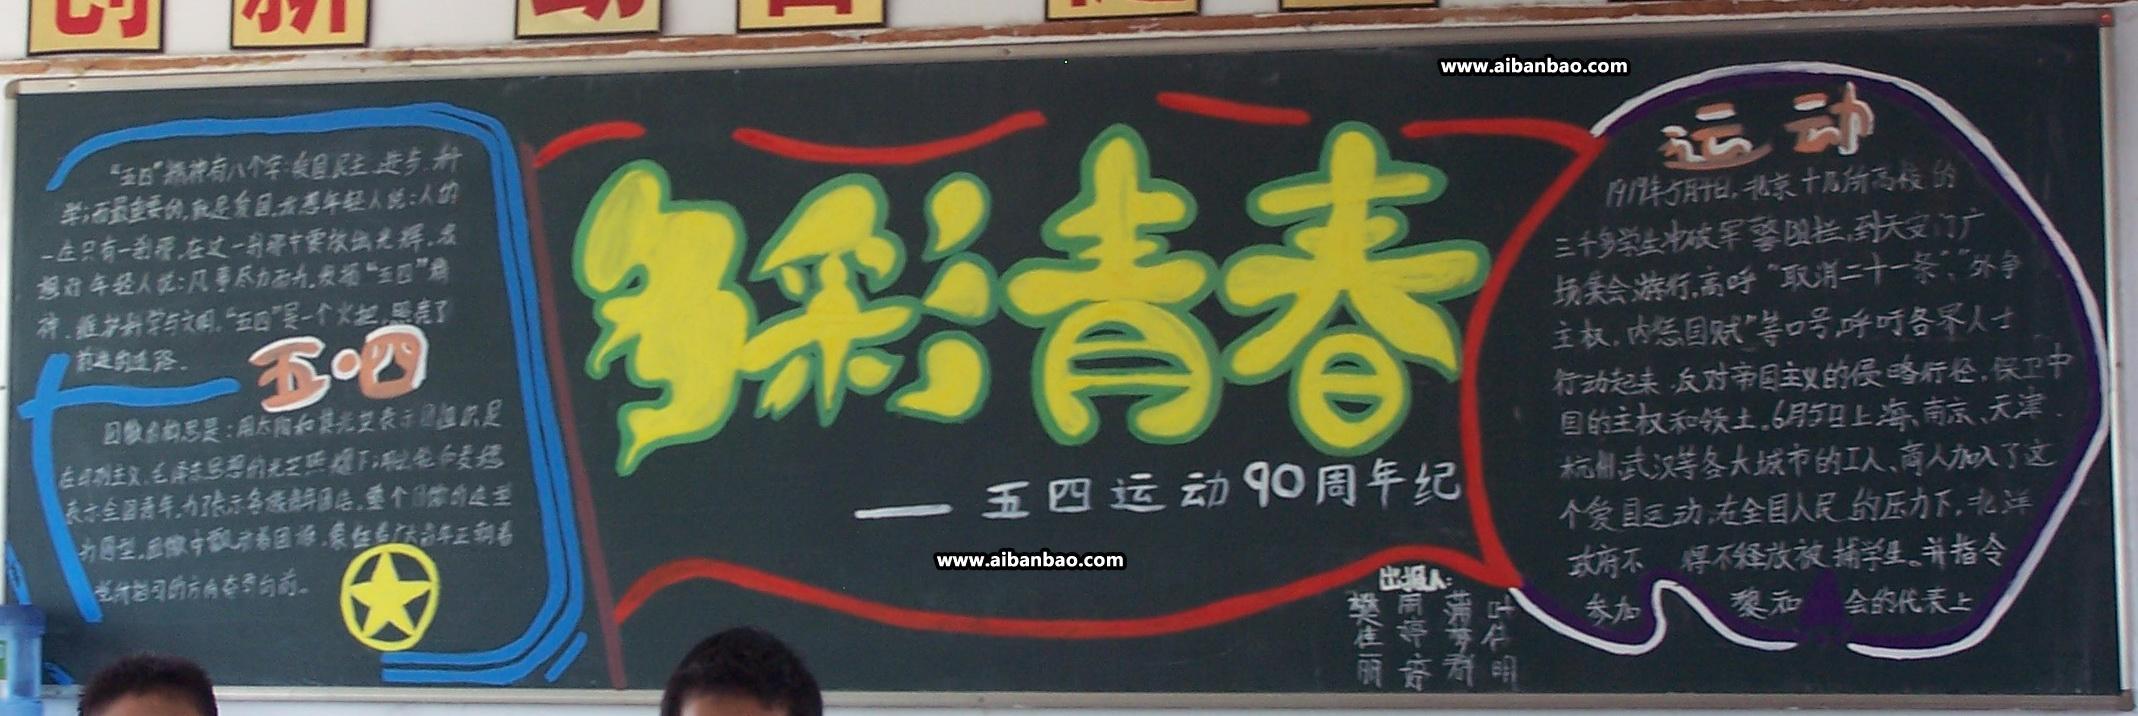 上一个黑板报: 青年节黑板报边框设计 &n